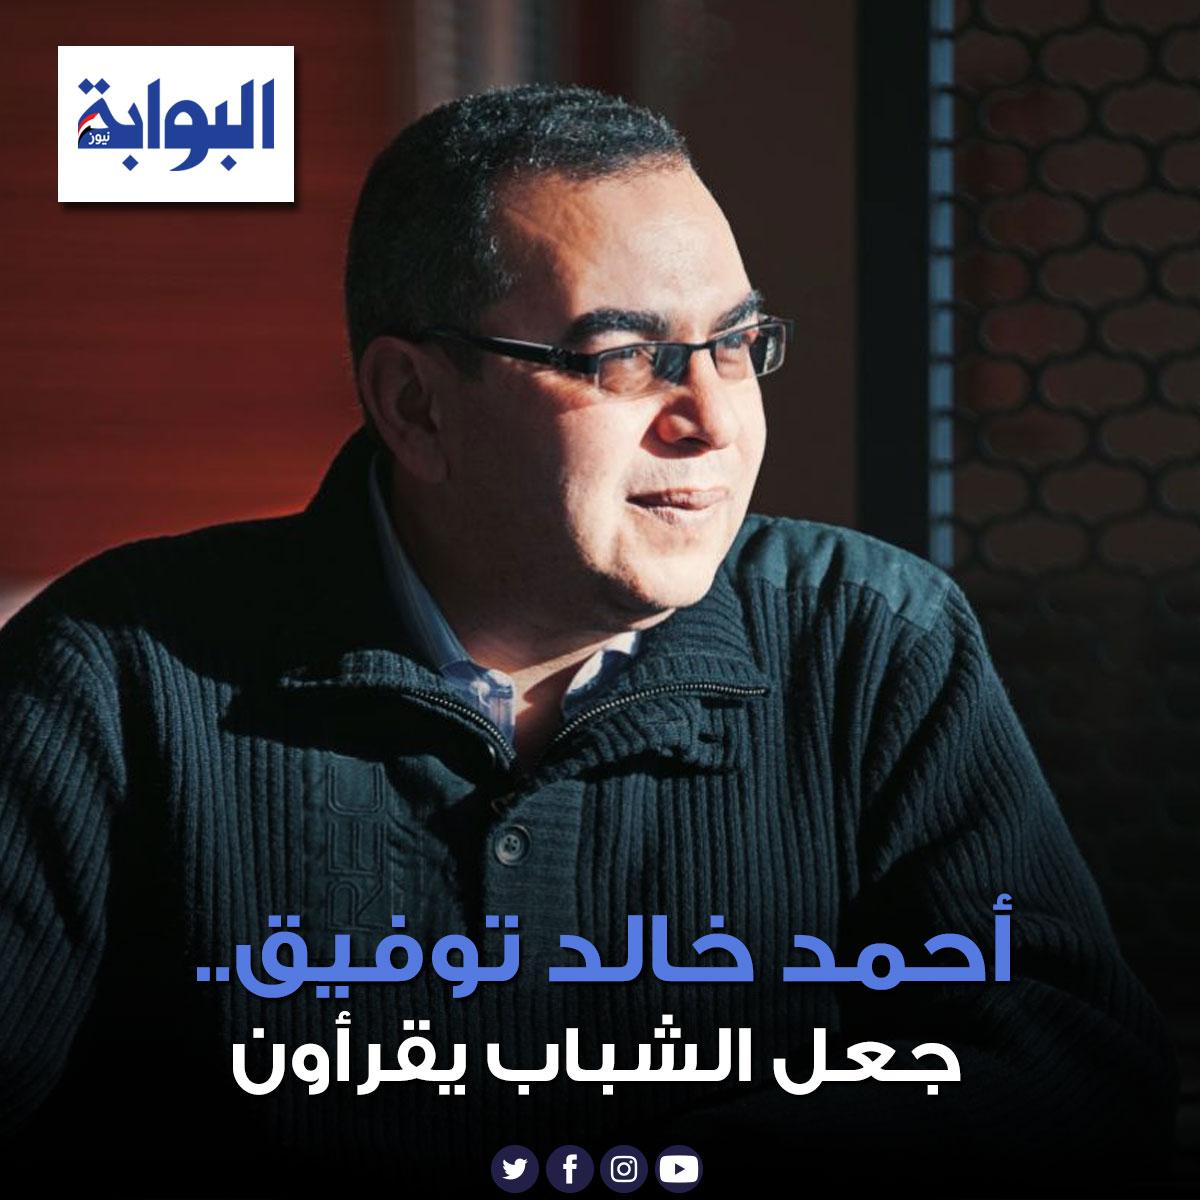 أحمد خالد توفيق.. جعل الشباب يقرأون